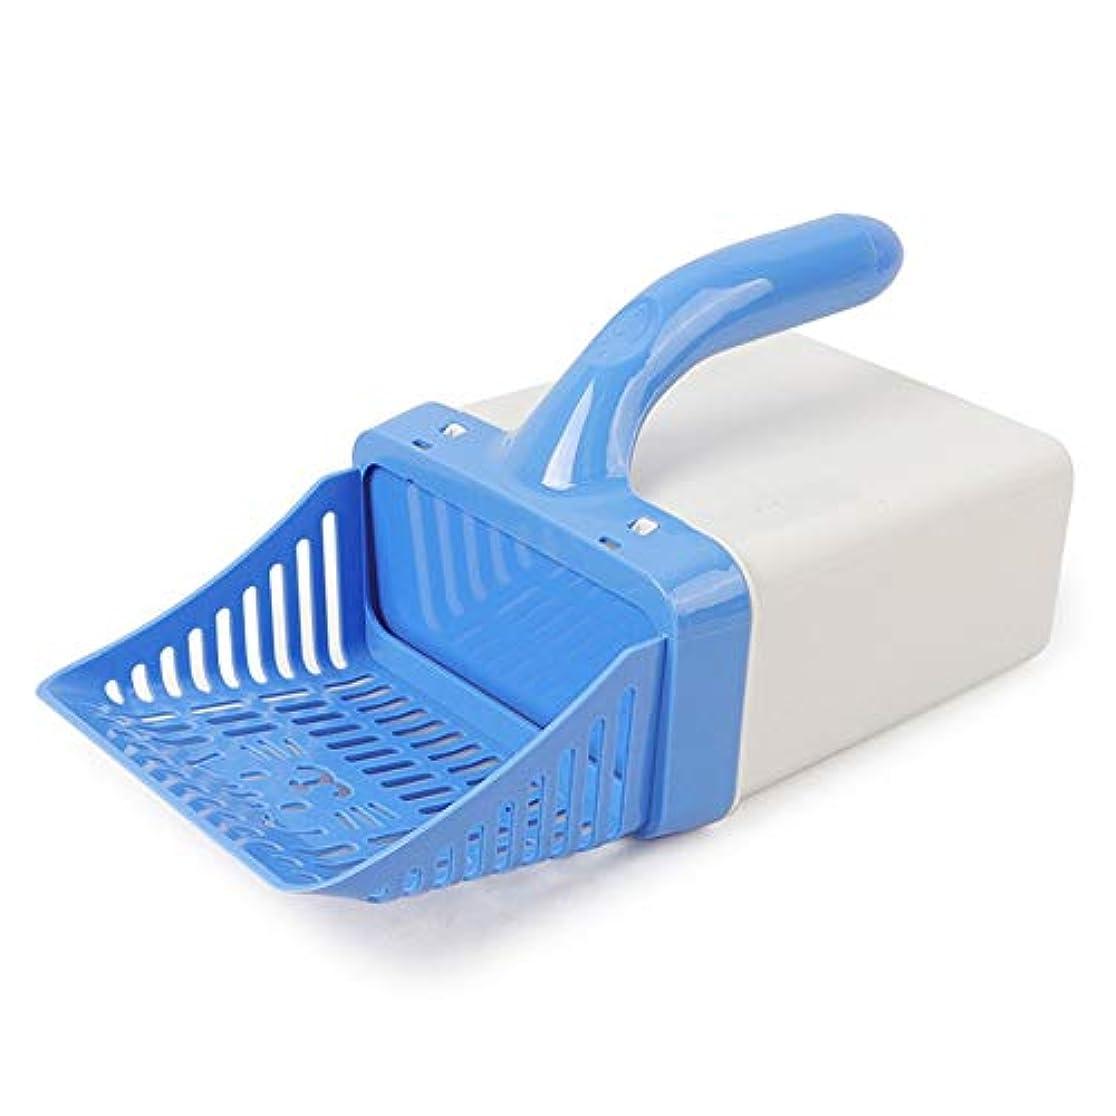 異形結論まっすぐにするセミクローズド携帯猫のトイレ砂の清掃ツールセット子猫トイレ砂ペットのシャベルクリーナーペットアクセサリー